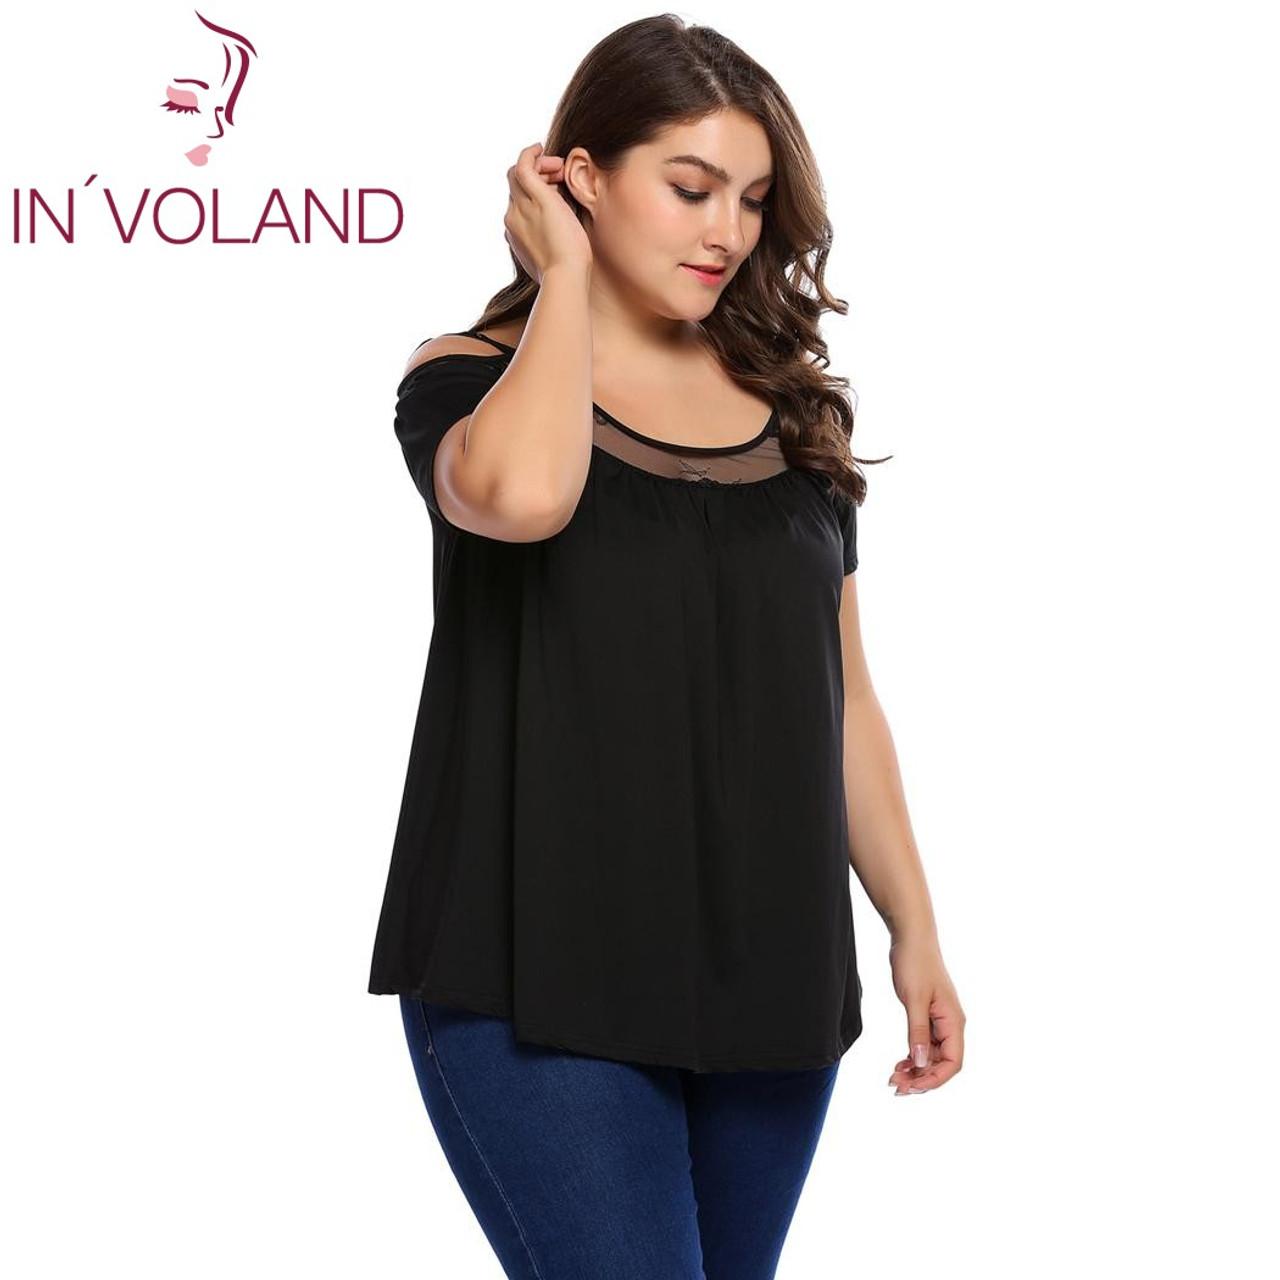 d7d6c03b43b ... IN VOLAND Women T-Shirt Tops Plus Size L-4XL Casual Cold Shoulder ...